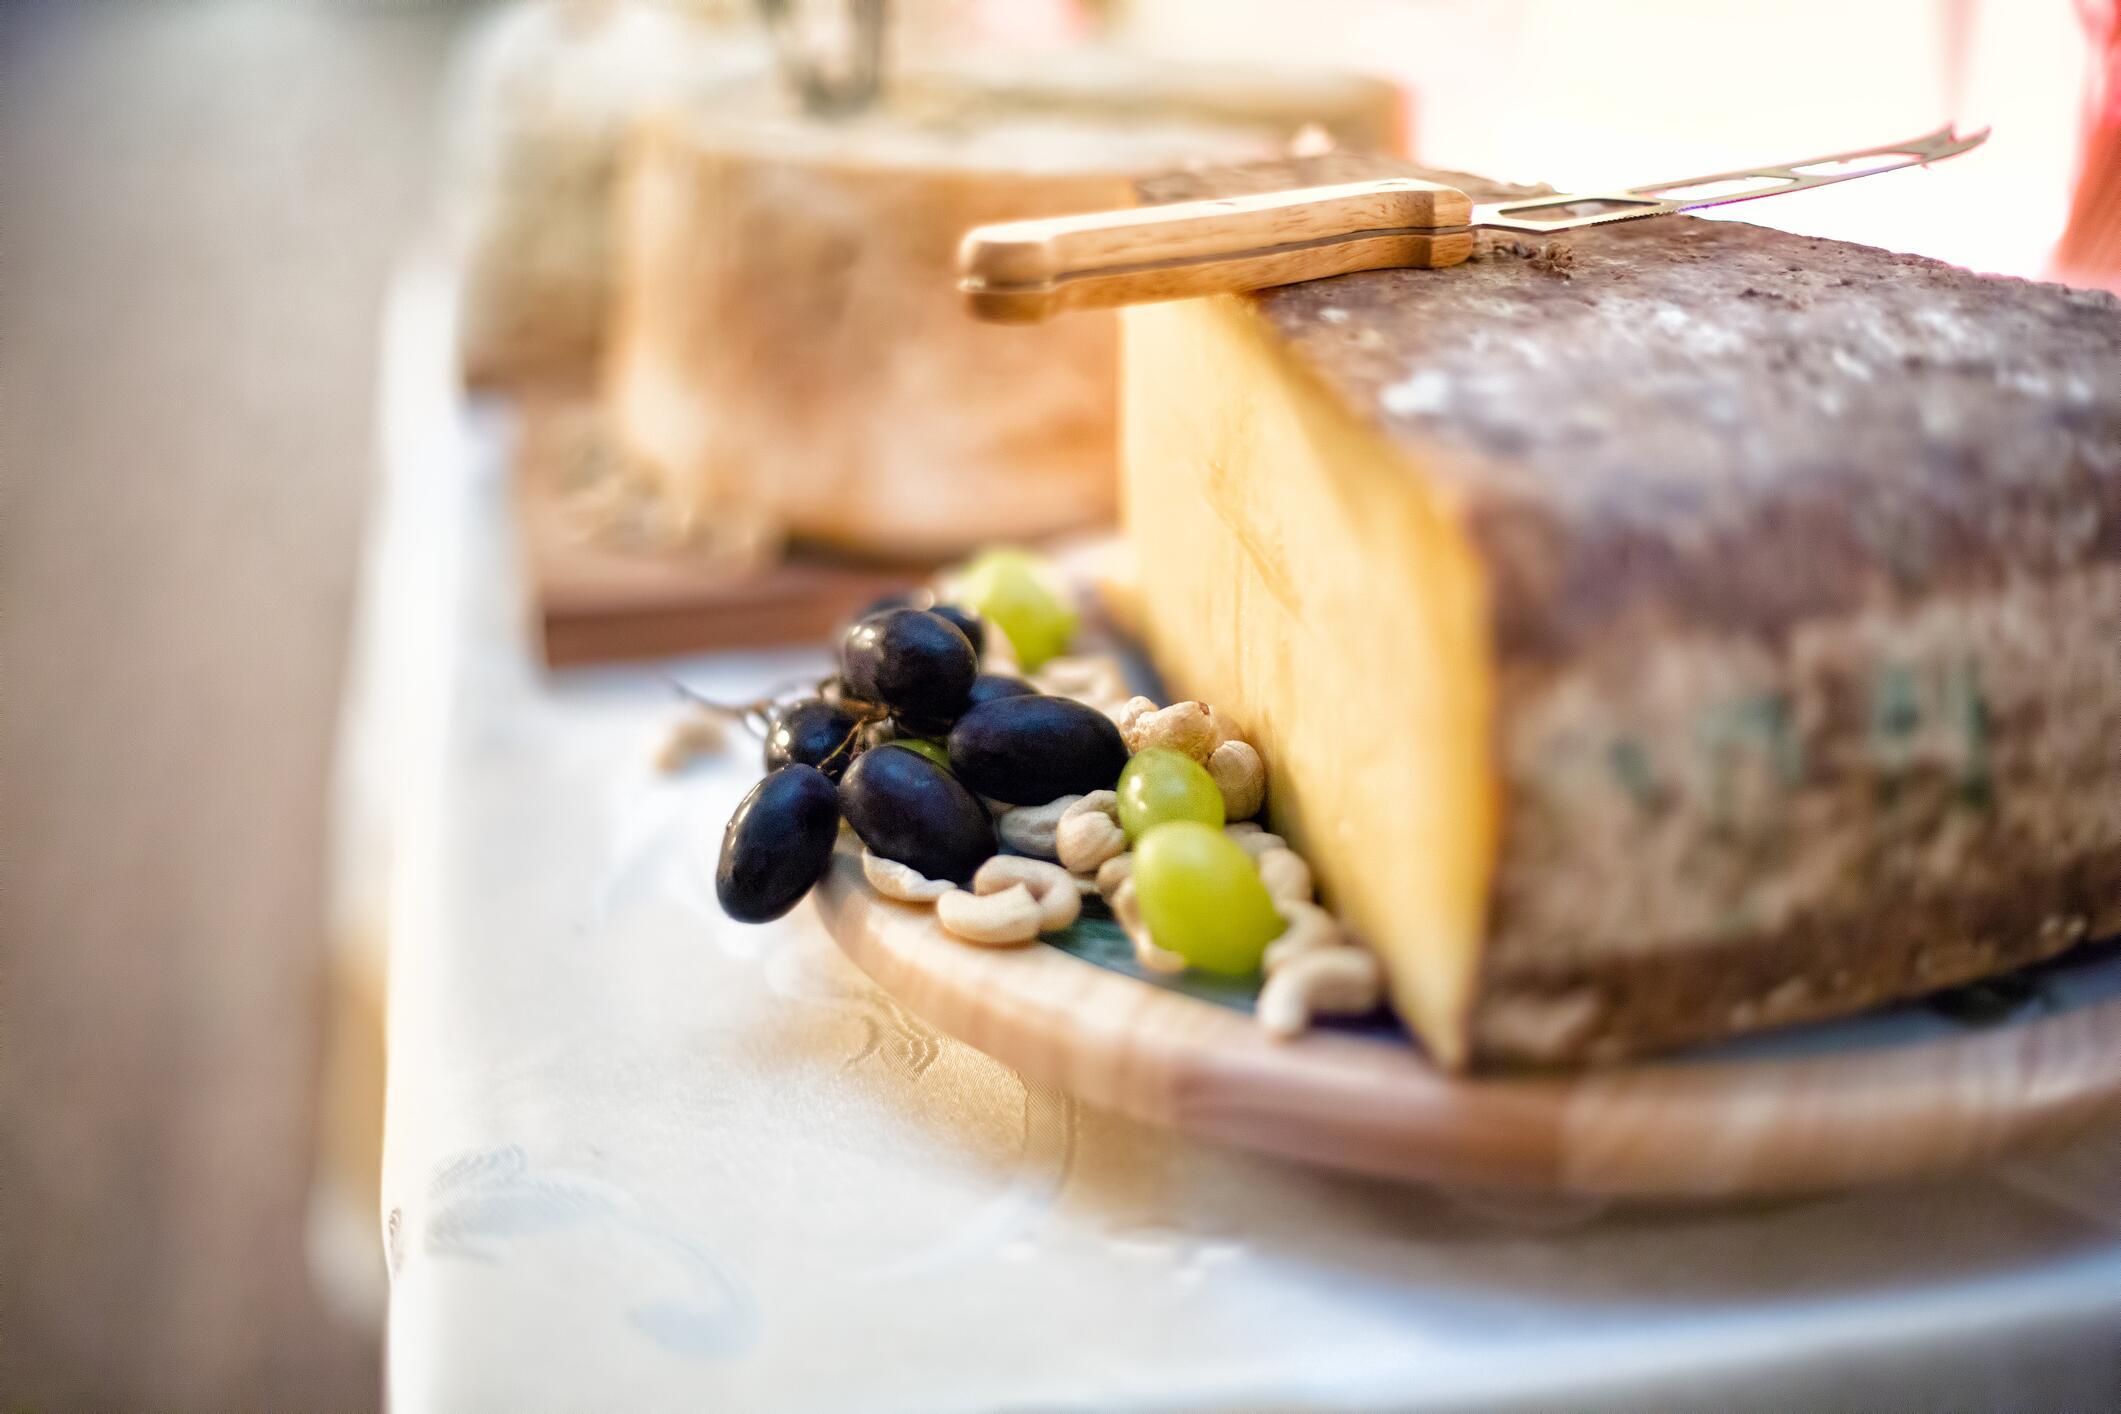 Bild zu Käse, Rinde, mitessen